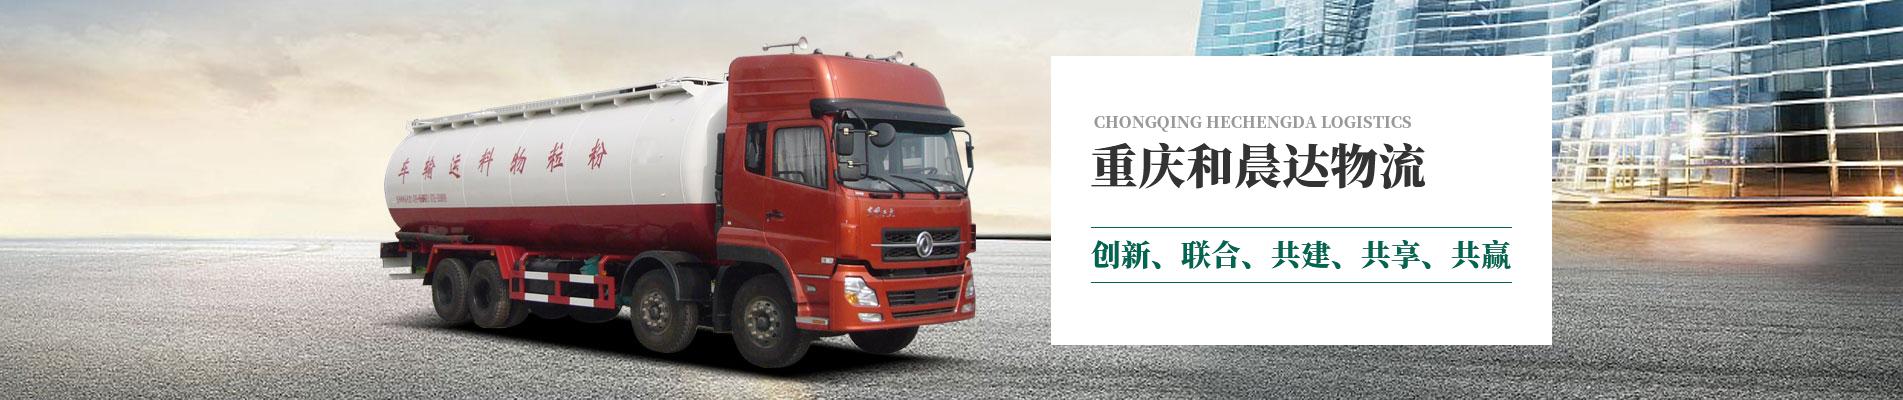 重庆罐车运输公司